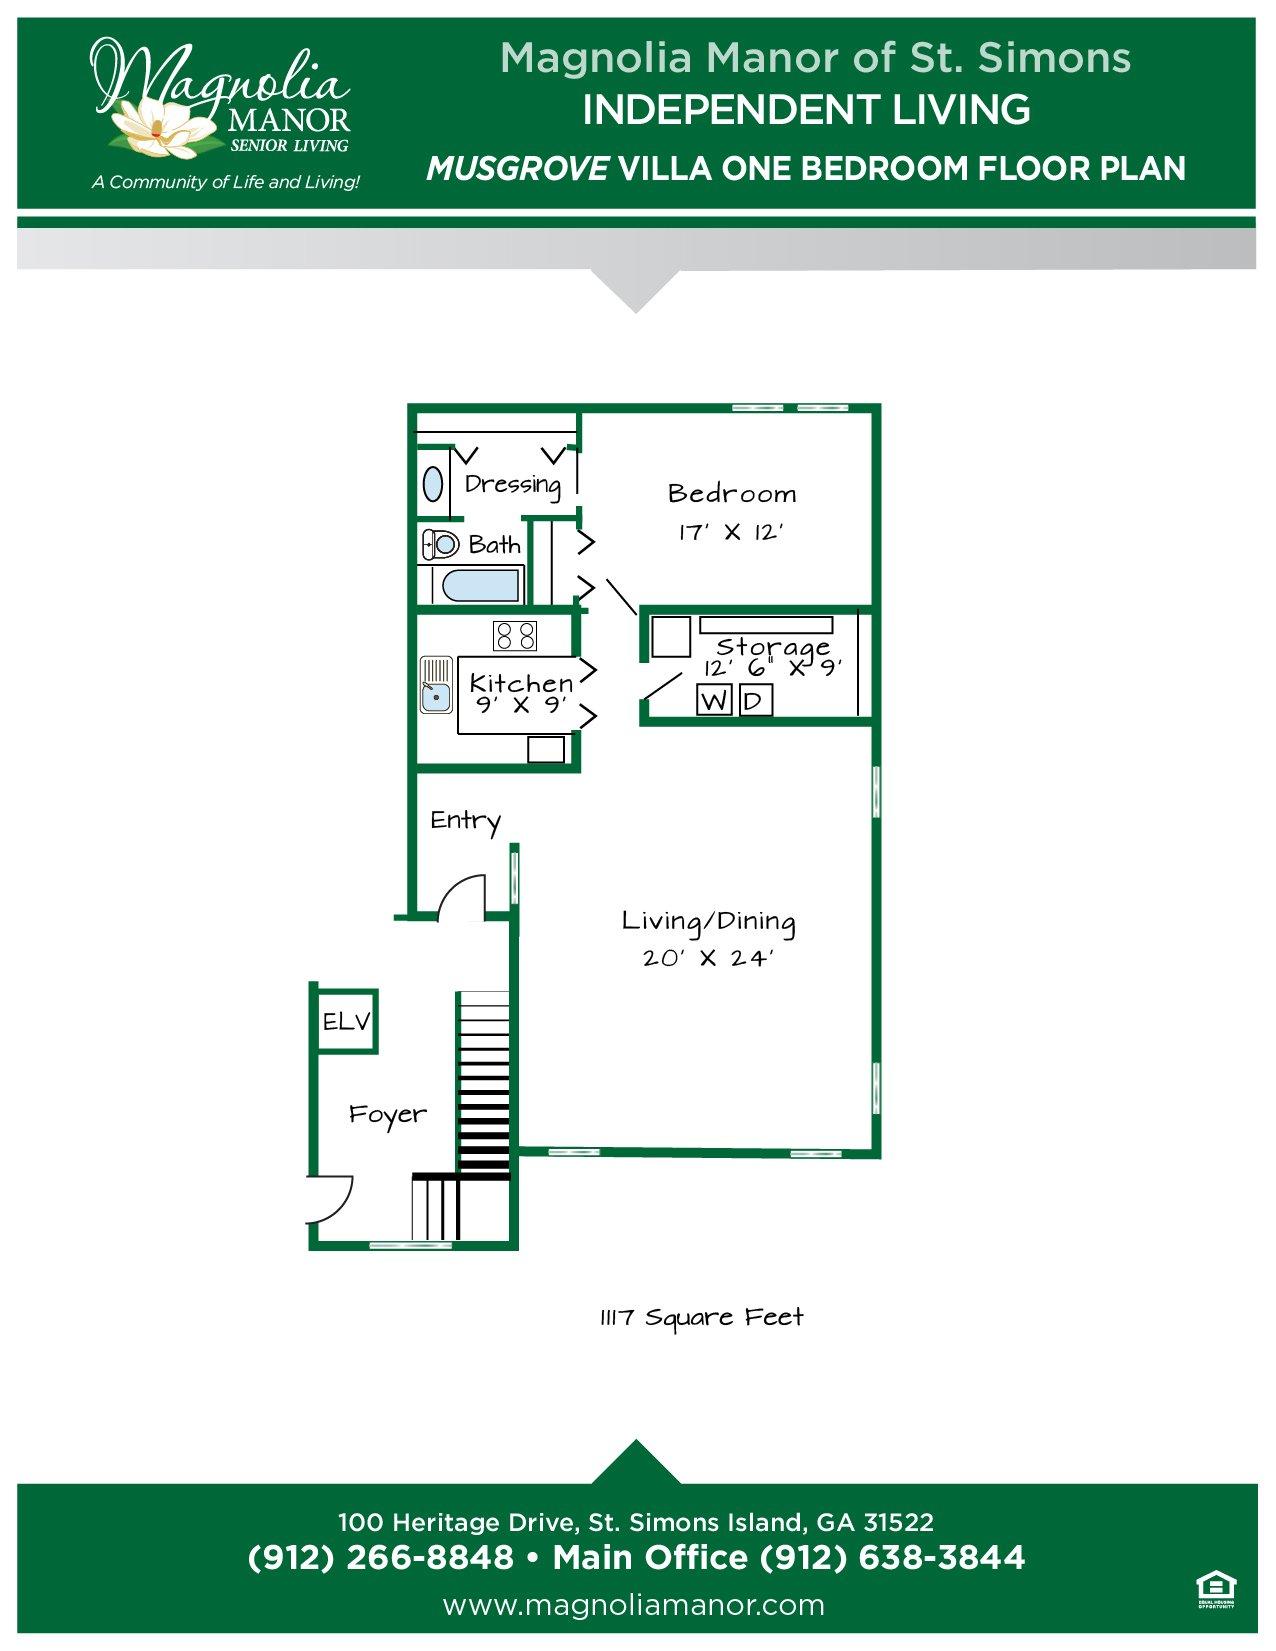 00344 St Simons IL MUSGROVE VILLA Floor Plans 2019-01